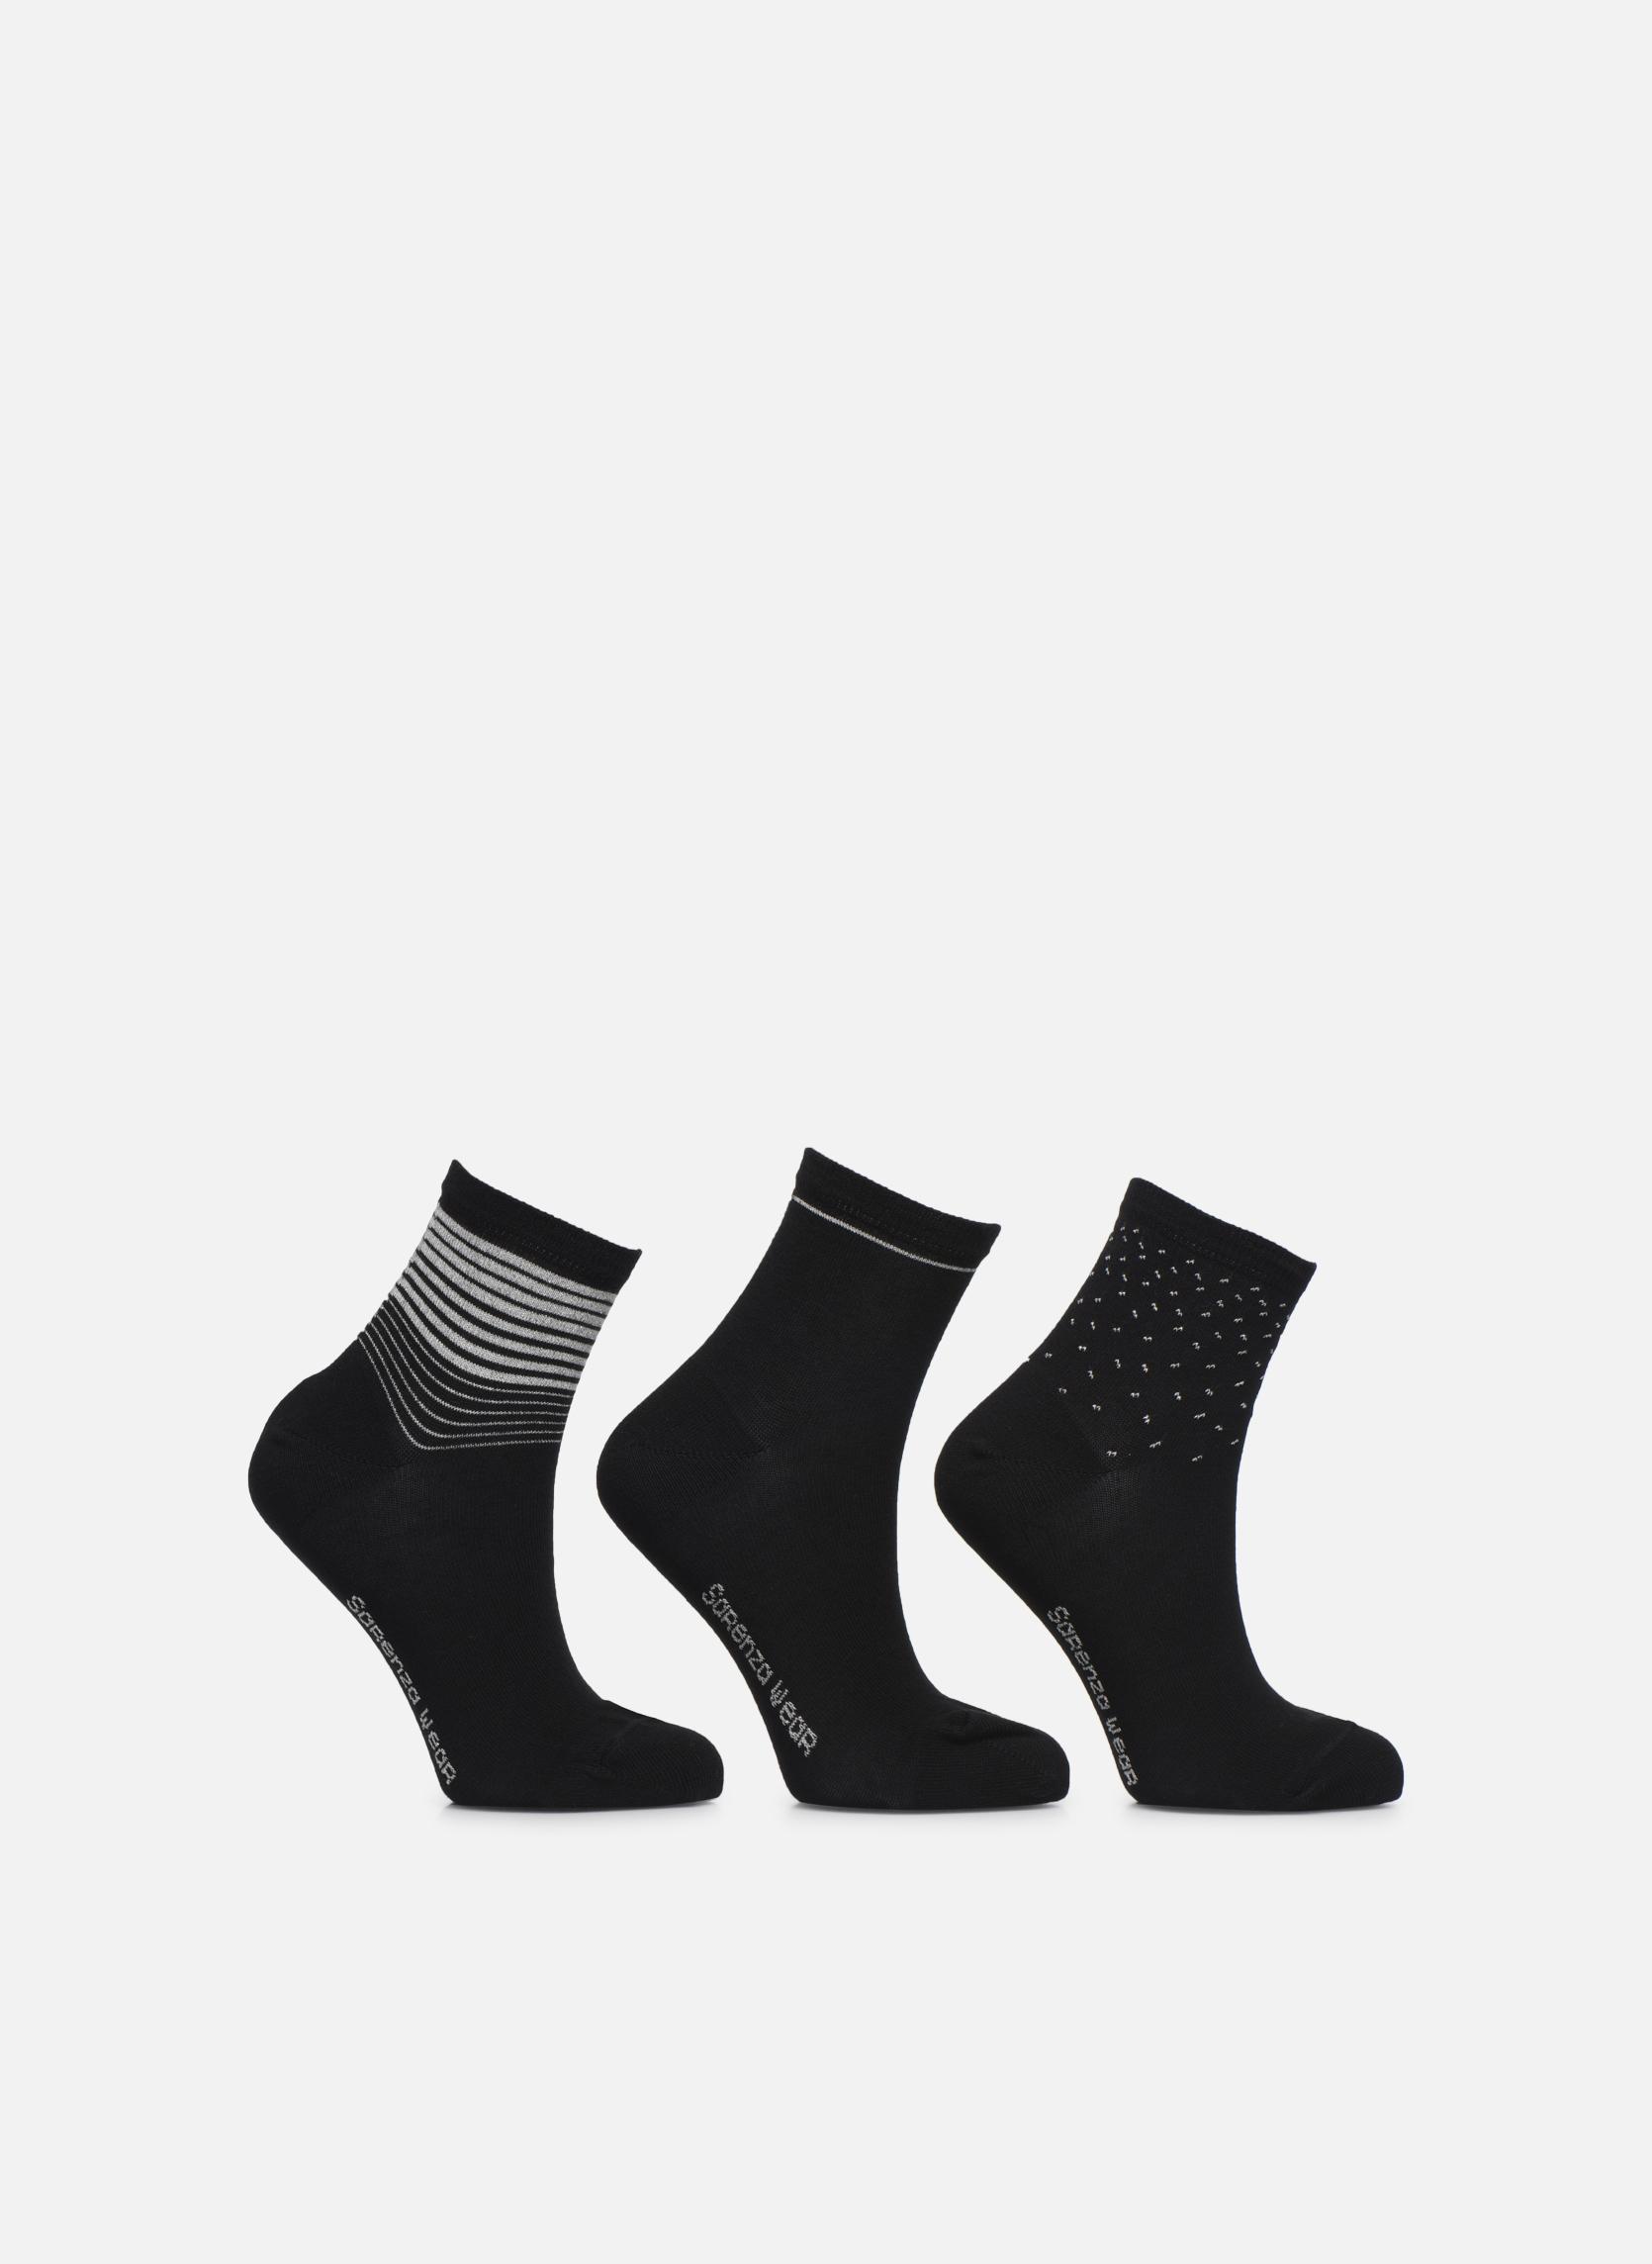 Chaussettes lurex Pack de 3 Femm… Chaussettes lurex Pack de 3 Noir